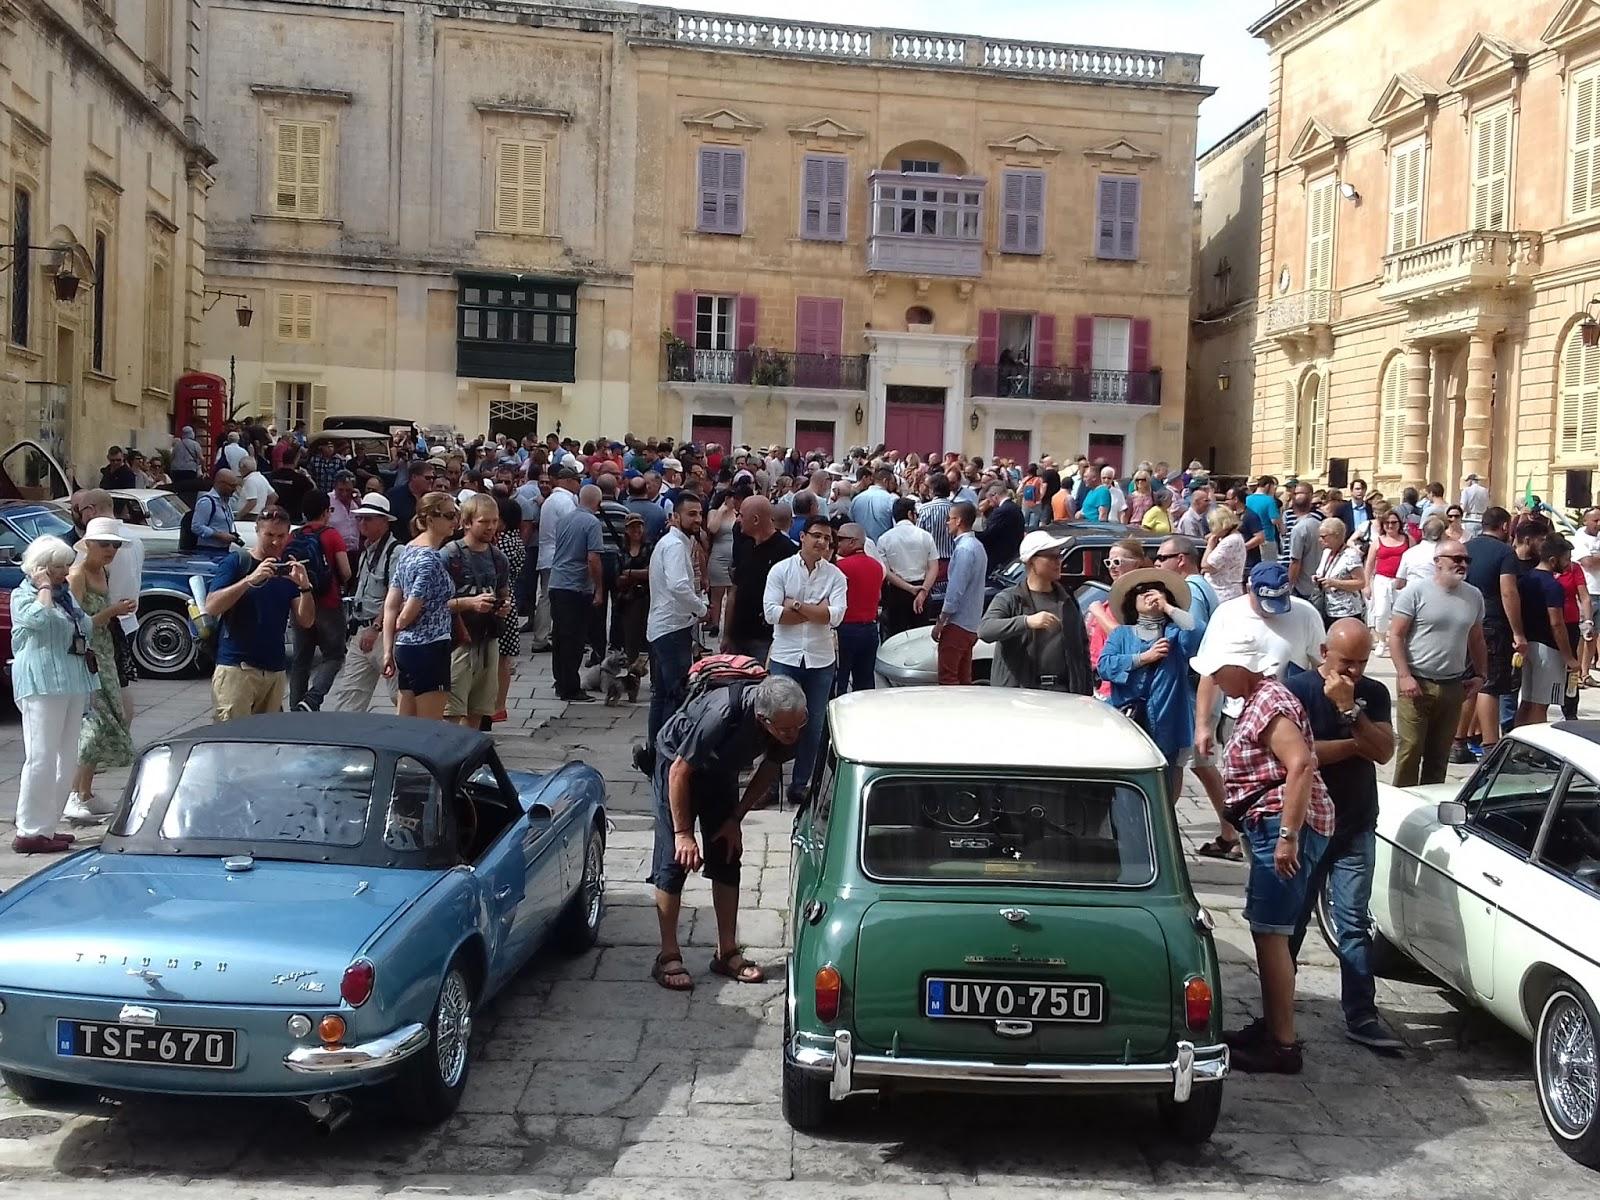 Rendez Vous Malta Classic 2019 Dates Announced